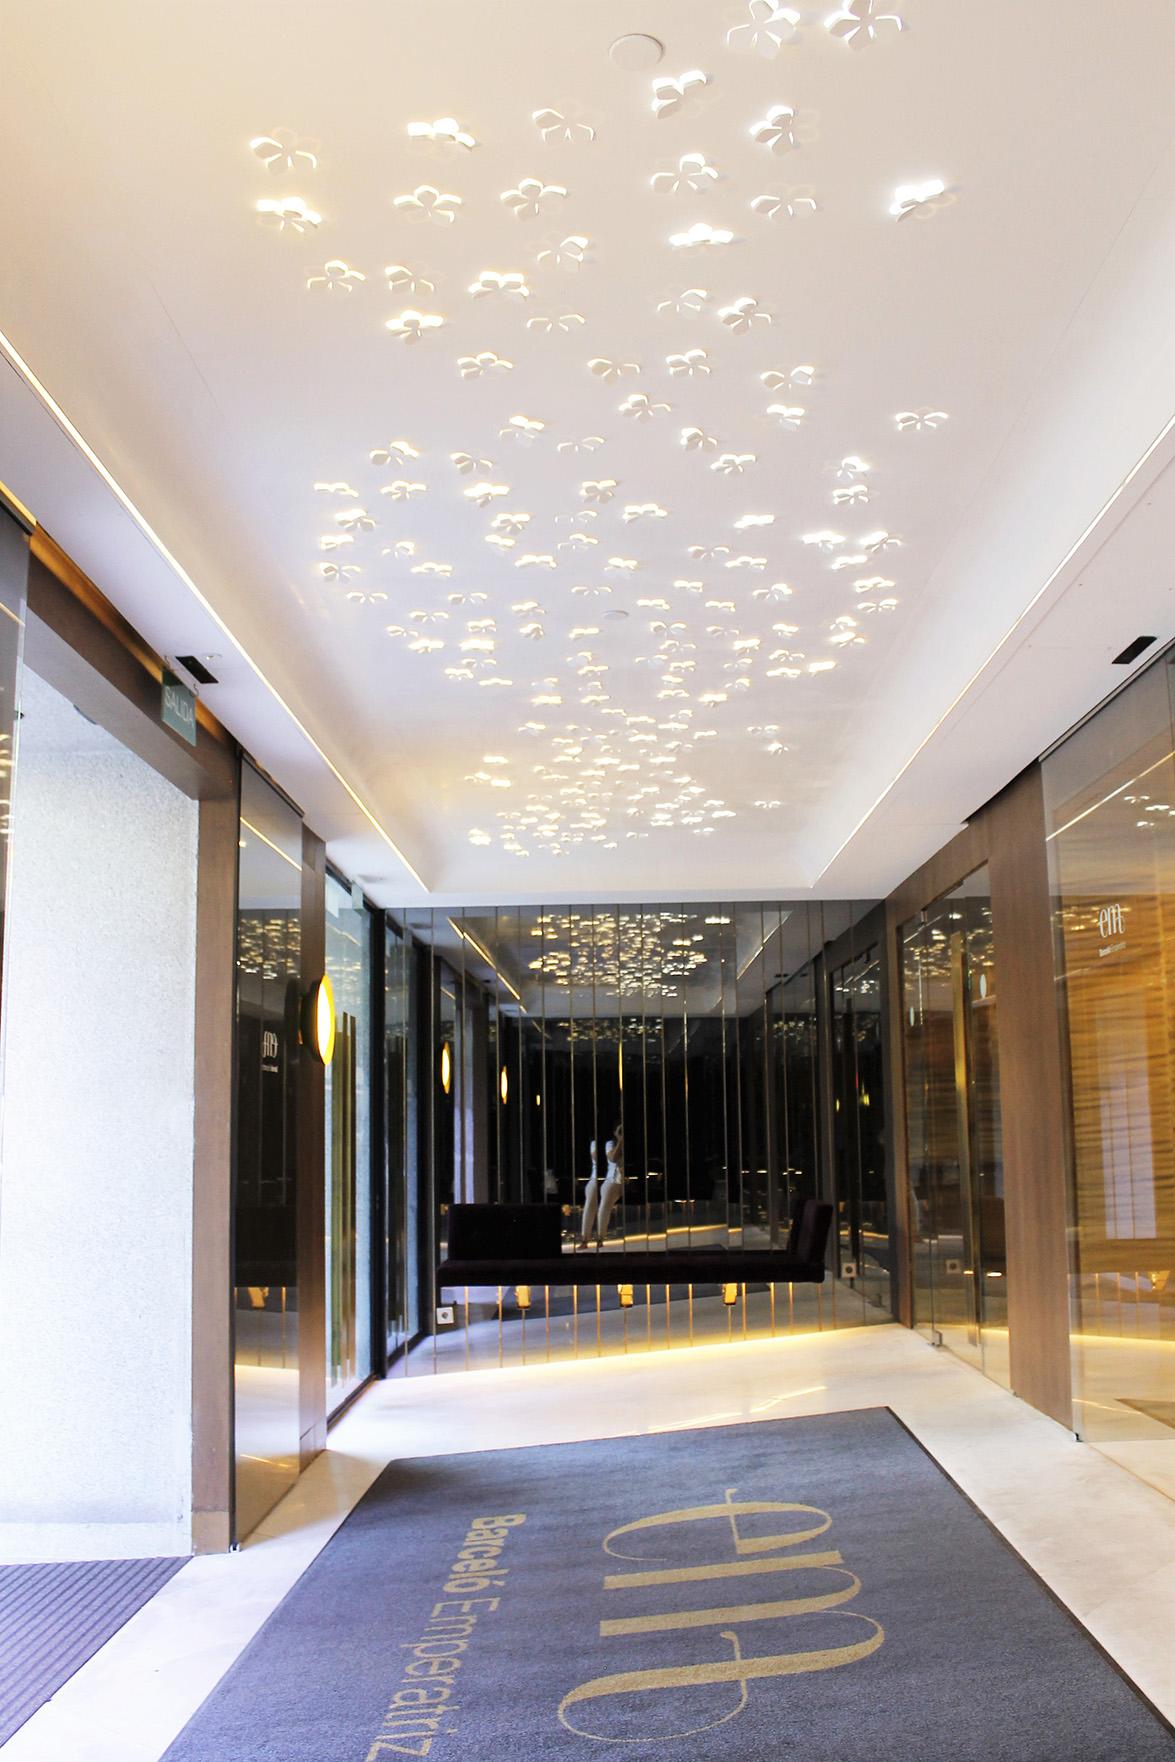 el hotel barcel emperatriz de madrid recibe a sus huspedes con un techo de flores de corian diseadas por antonia gmez